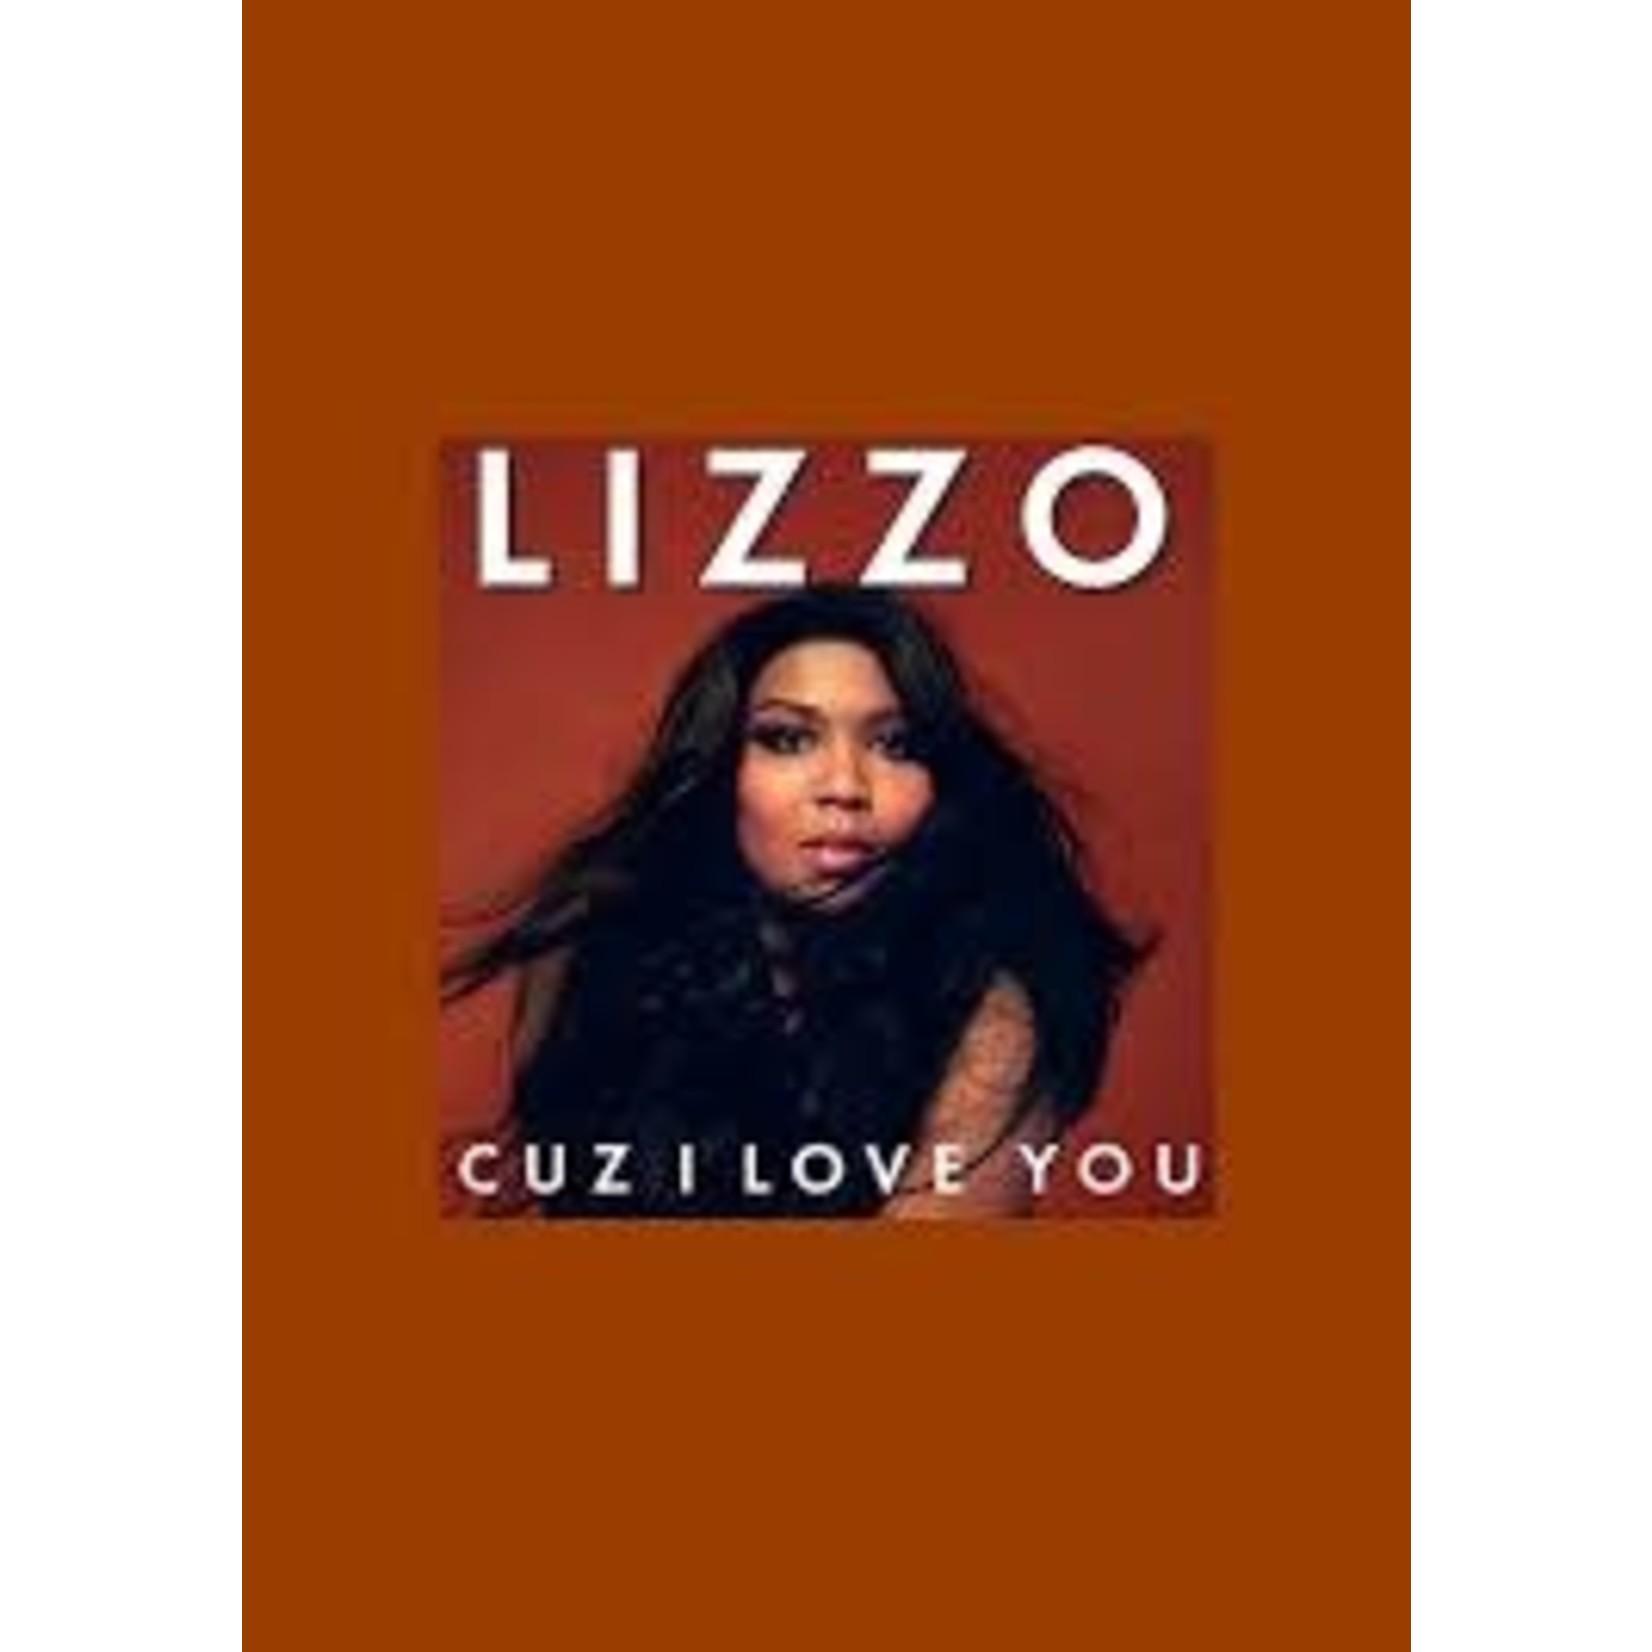 LIZZO - CUZ I LOVE YOU (DELUXE) (VINYL)